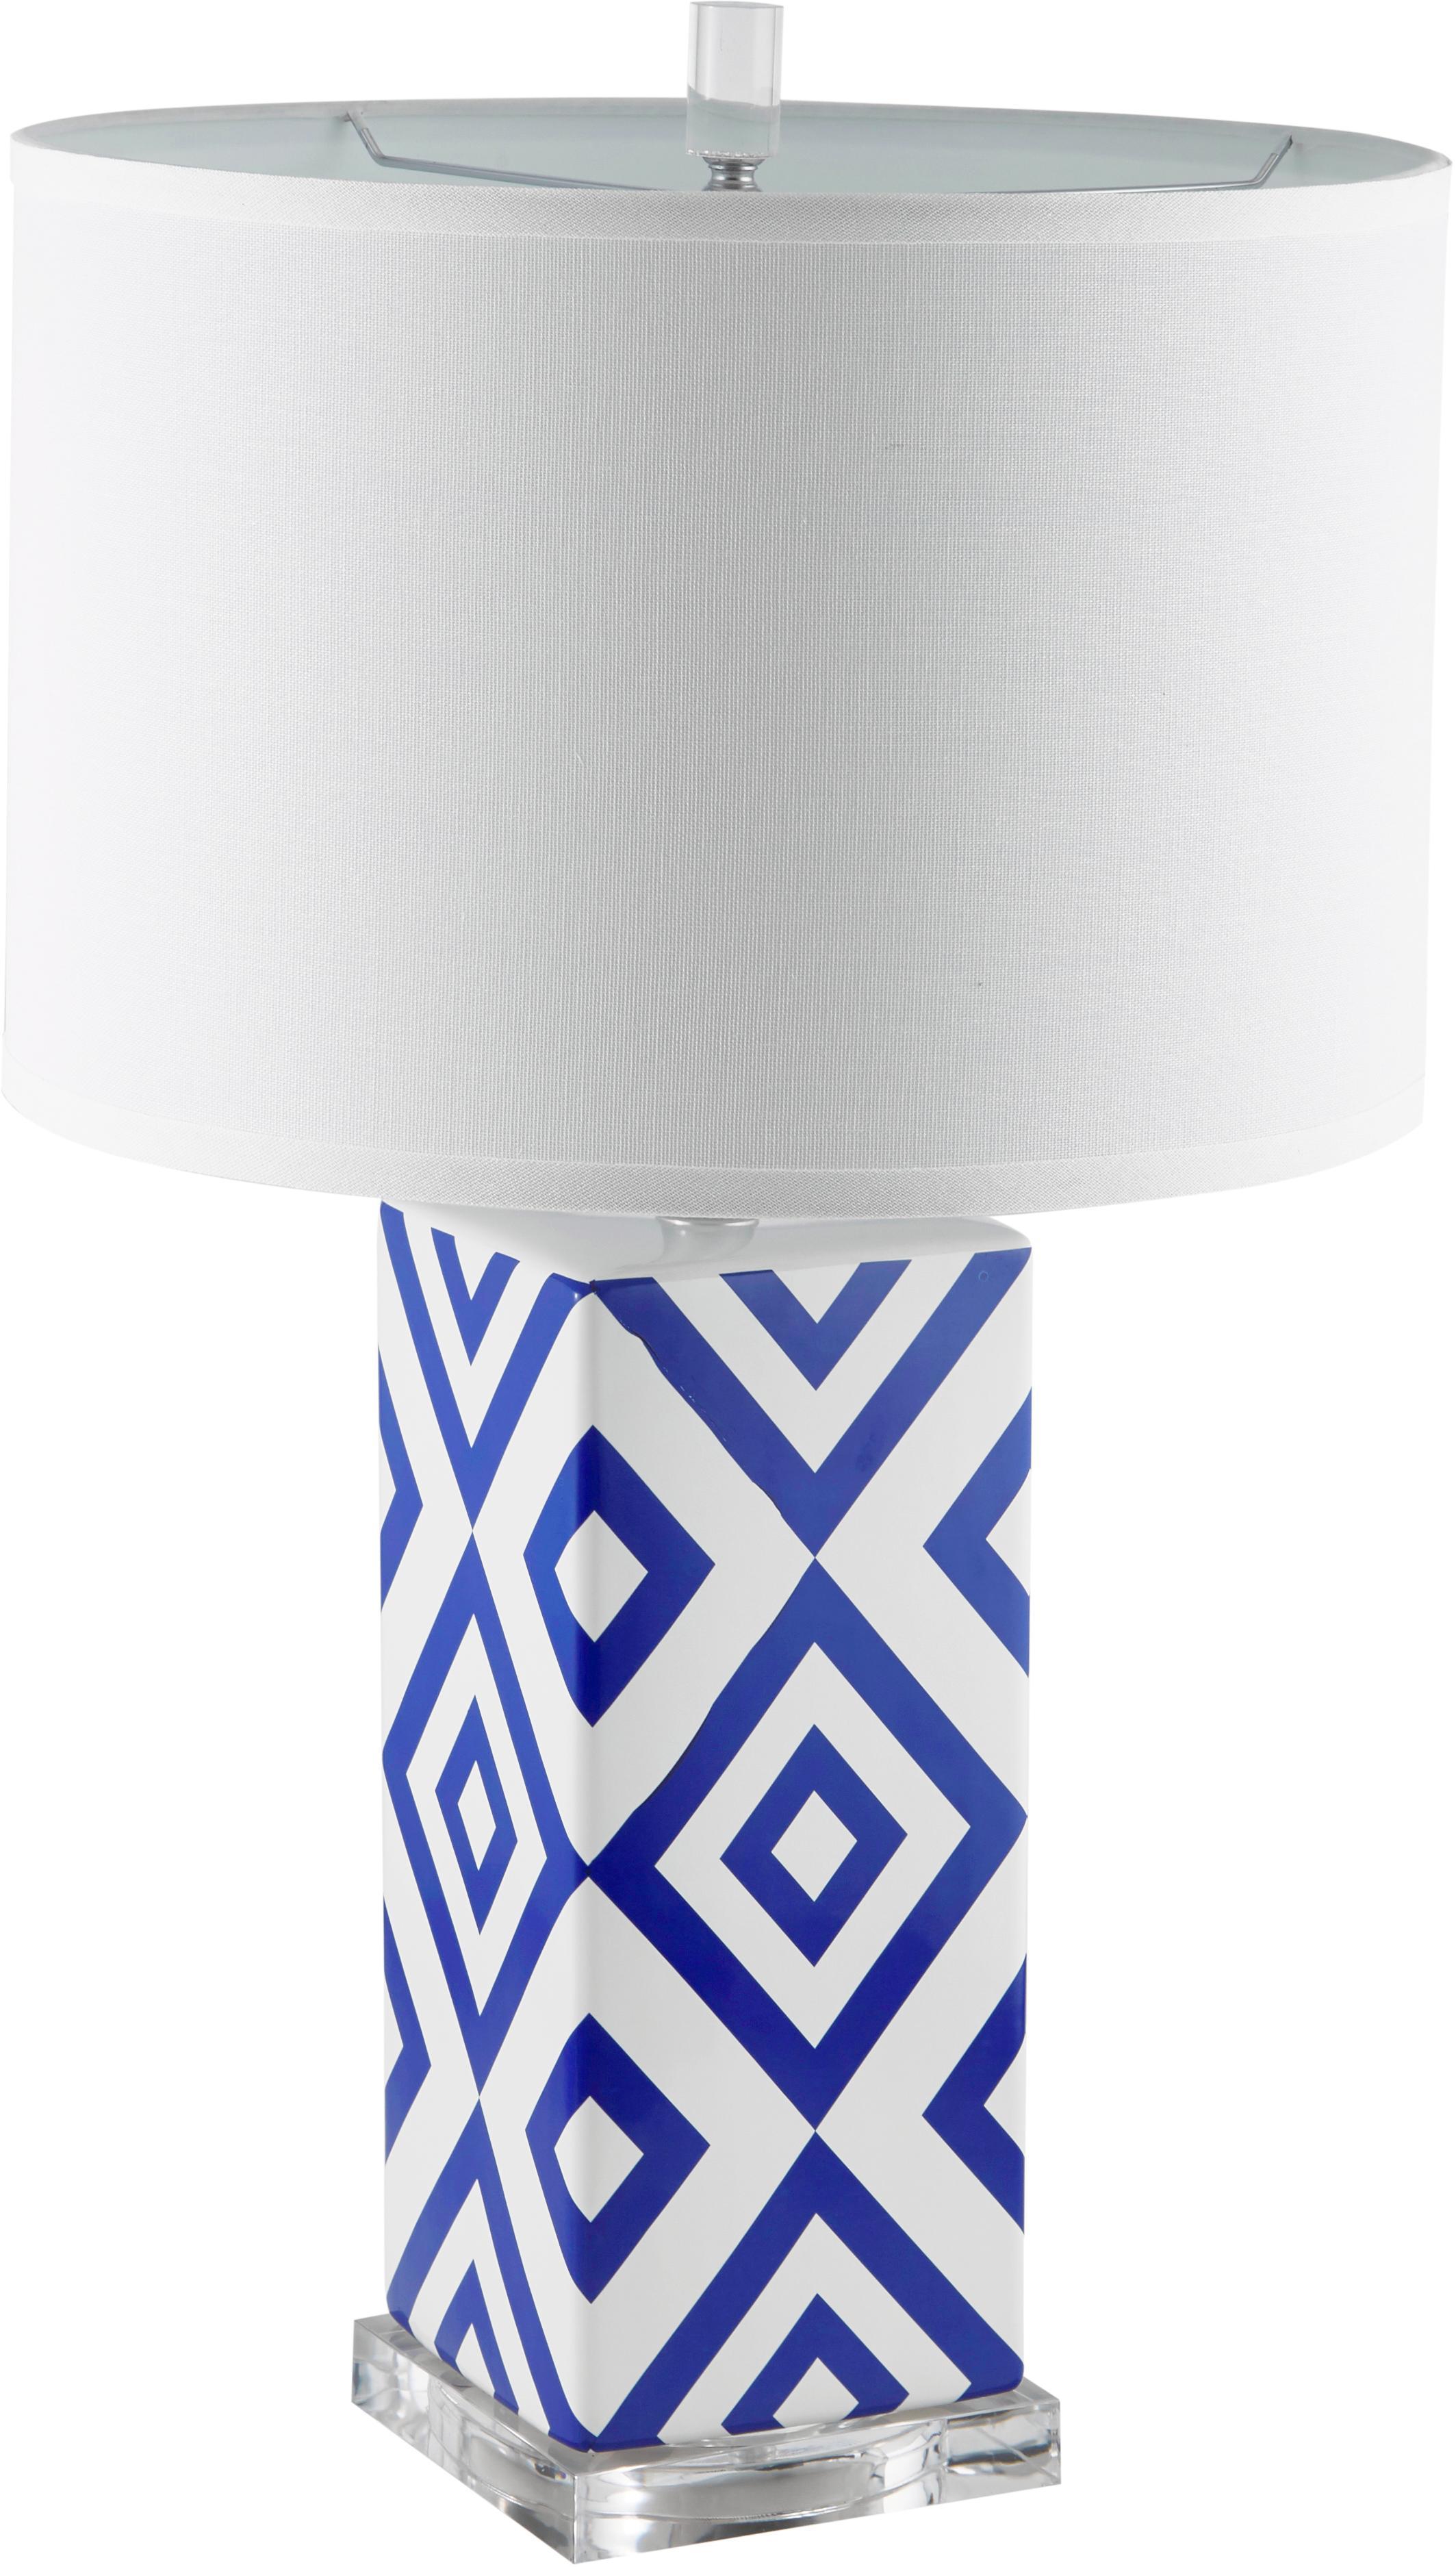 Lámparas de mesa grandesPatricia, 2uds., Pantalla: tela, Azul, blanco, Ø 38 x Al 69 cm